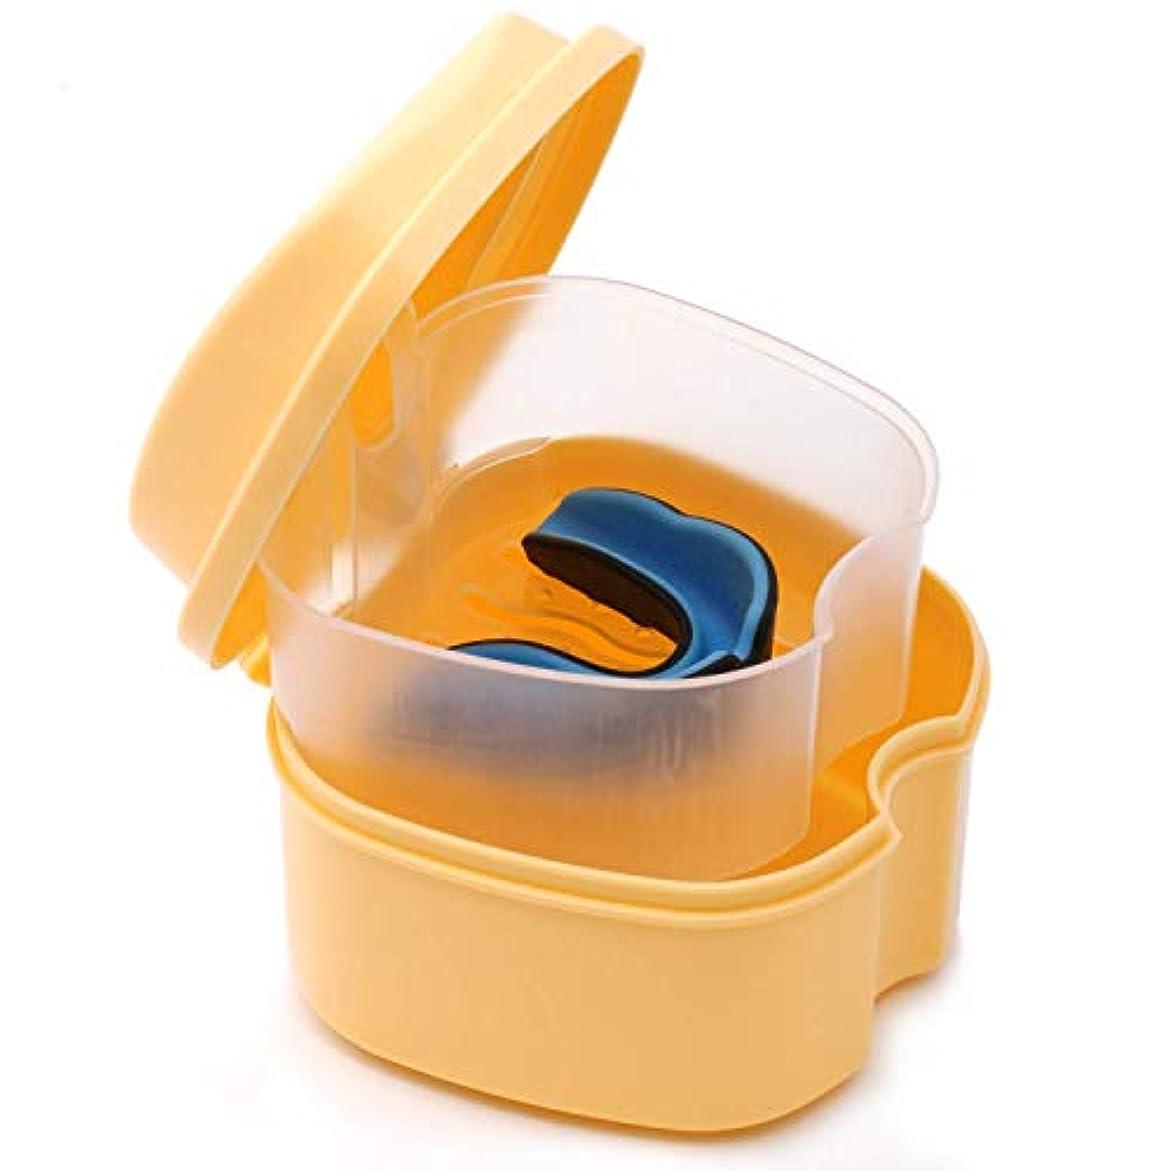 リテラシー中パウダーCoiTek 入れ歯ケース 義歯ケース 携帯 家庭旅行用 ストレーナー付き オレンジ